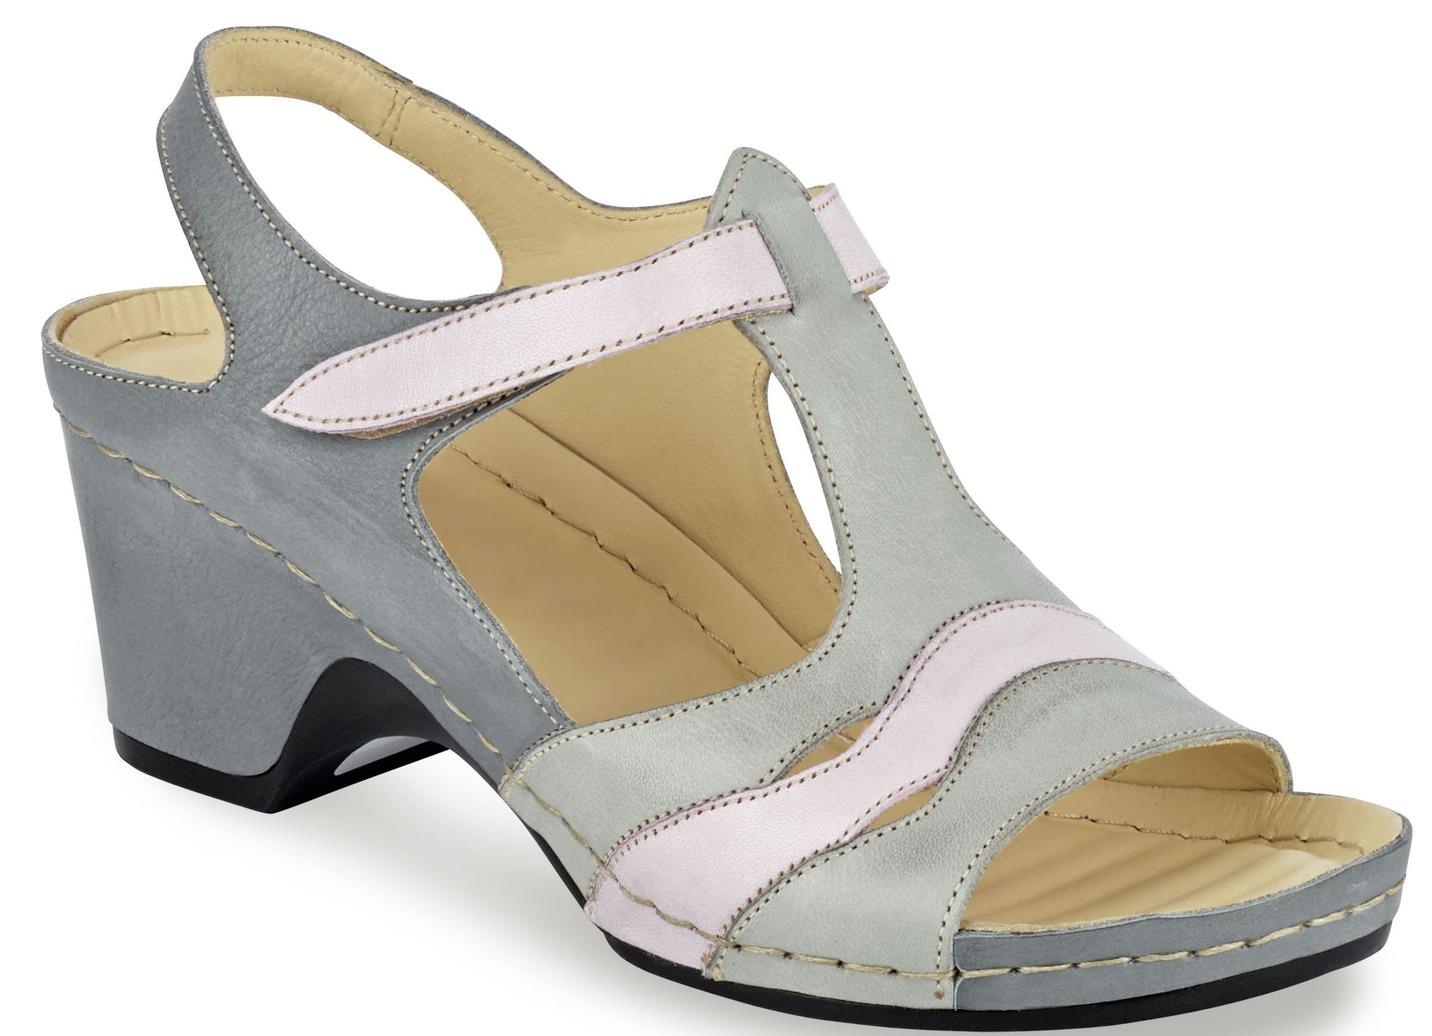 Attraktive Sandalette  mit Leder-Massagefußbett Weite G Hellgrau-Rosa Größe 41 Damen Preisvergleich